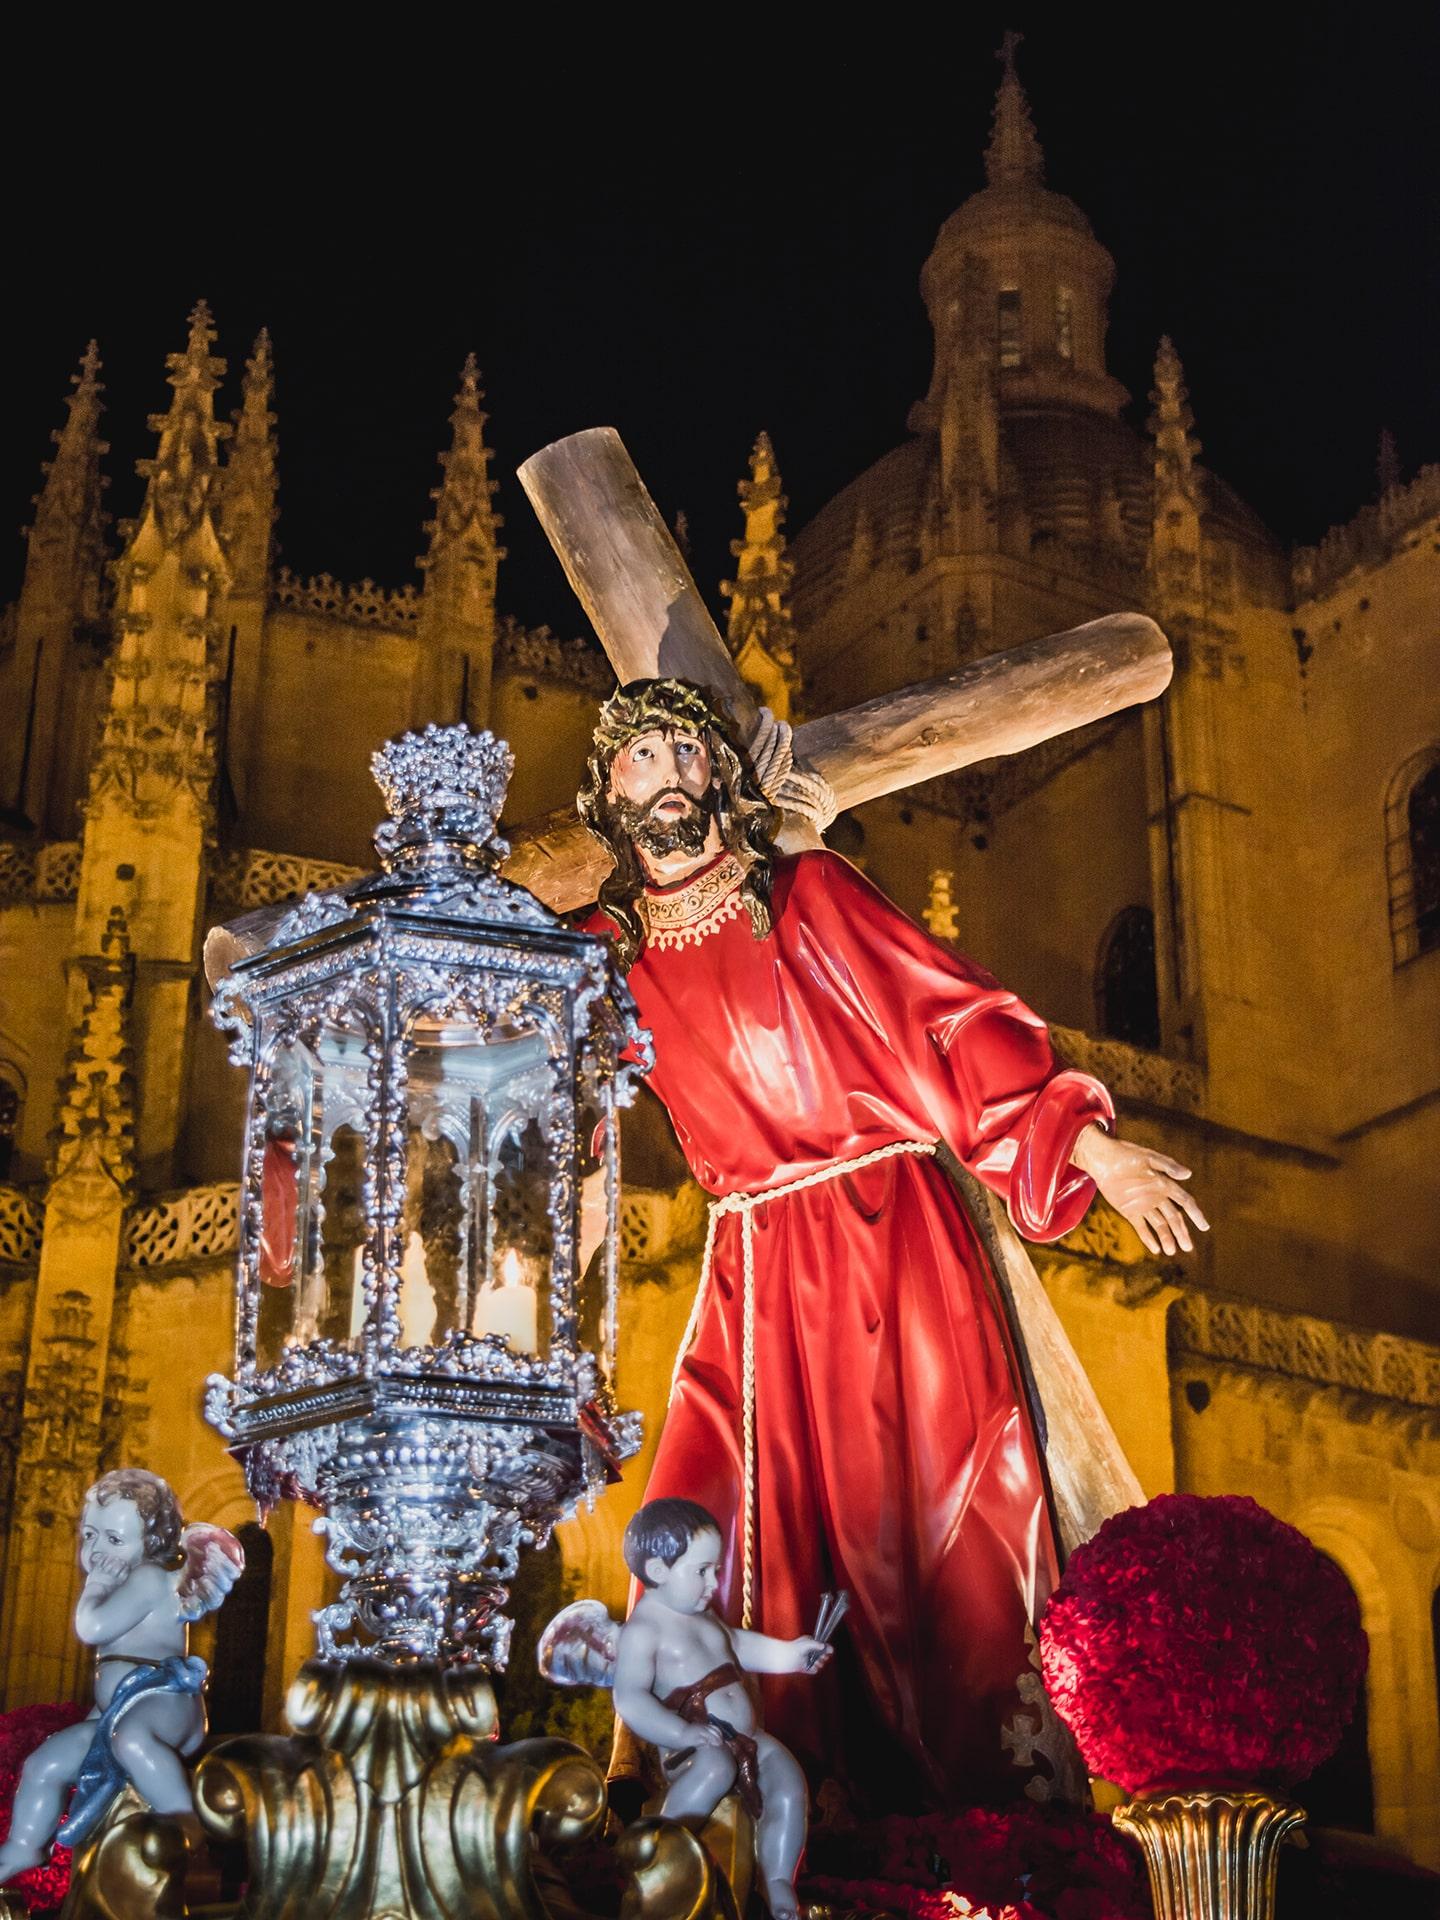 jesus con la cruz a cuestas, ADEMAR, jueves santo(1), Segovia (Manu Rodrigo)